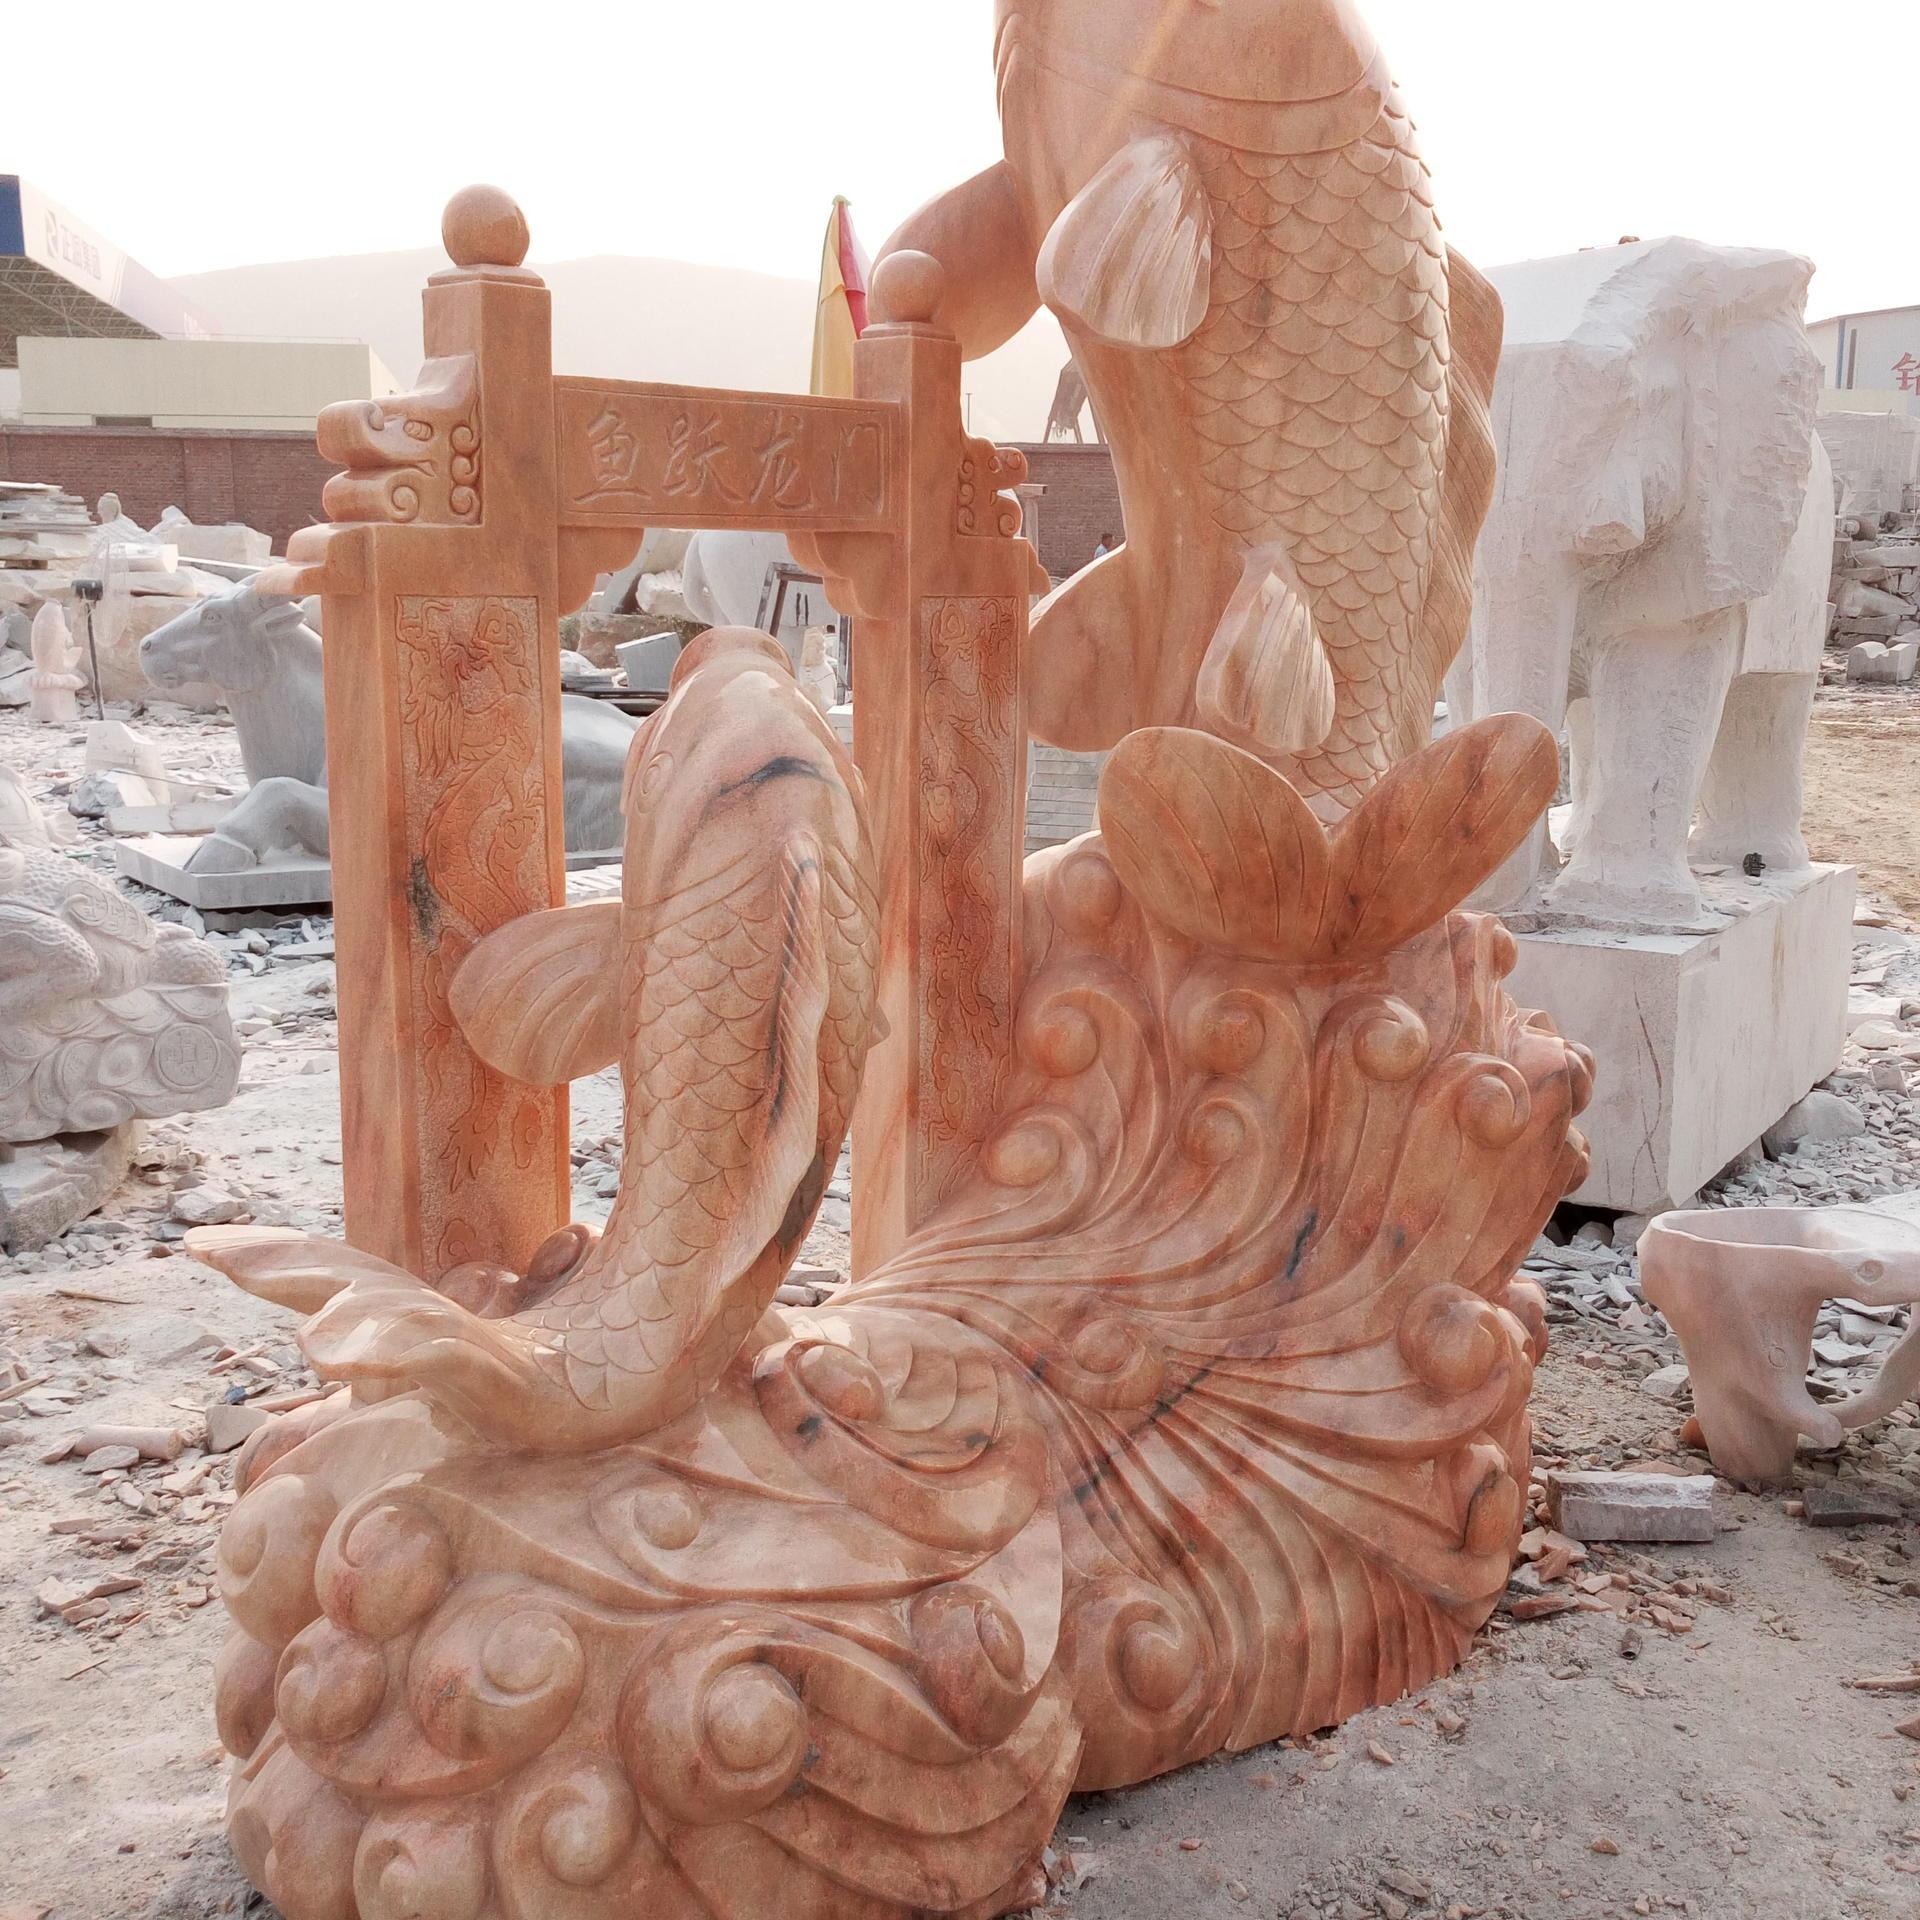 厂家直销 石雕鲤鱼吐水 晚霞红景观鱼 雕塑喷泉